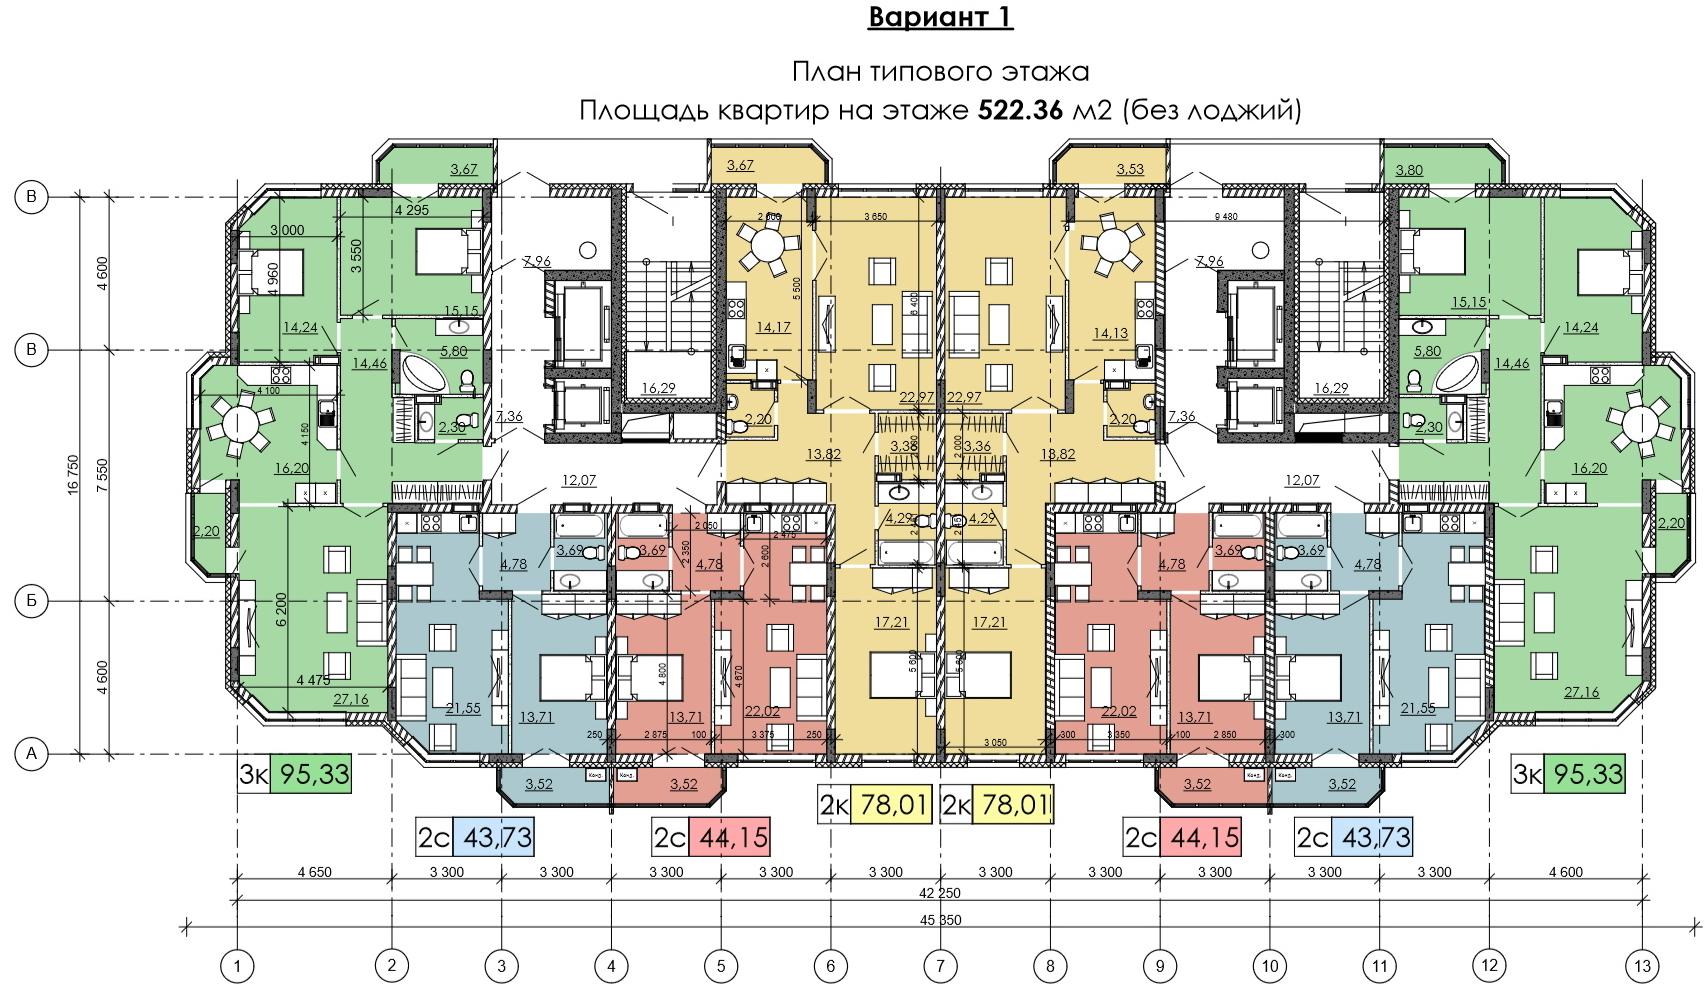 типовой этаж 1 вариант